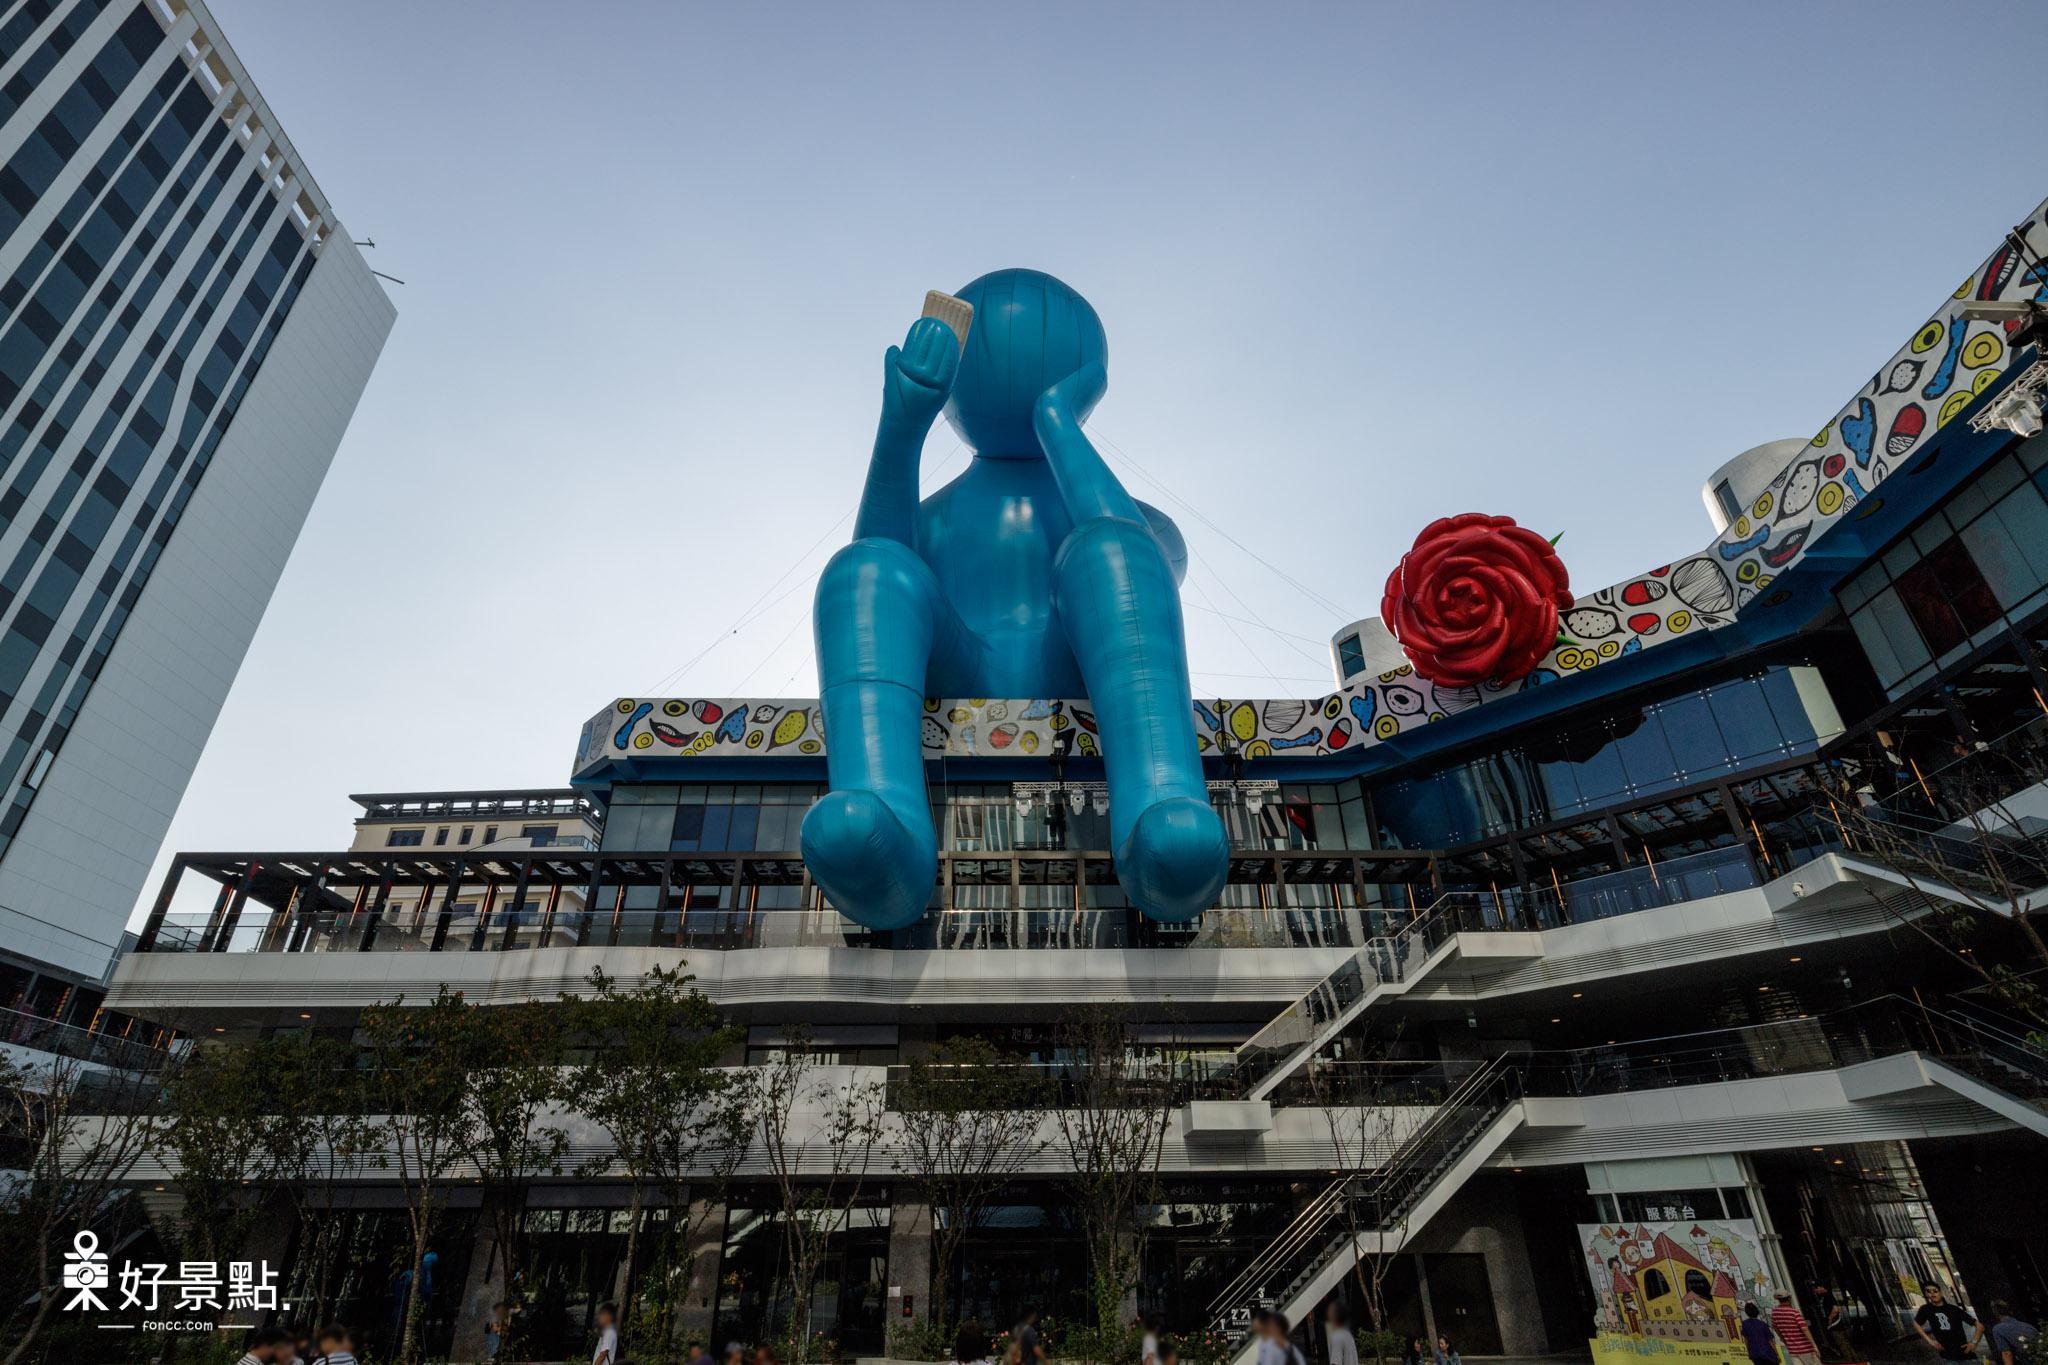 台中軟體園區 Dali Art 藝術廣場、東湖公園-裝置藝術集中地